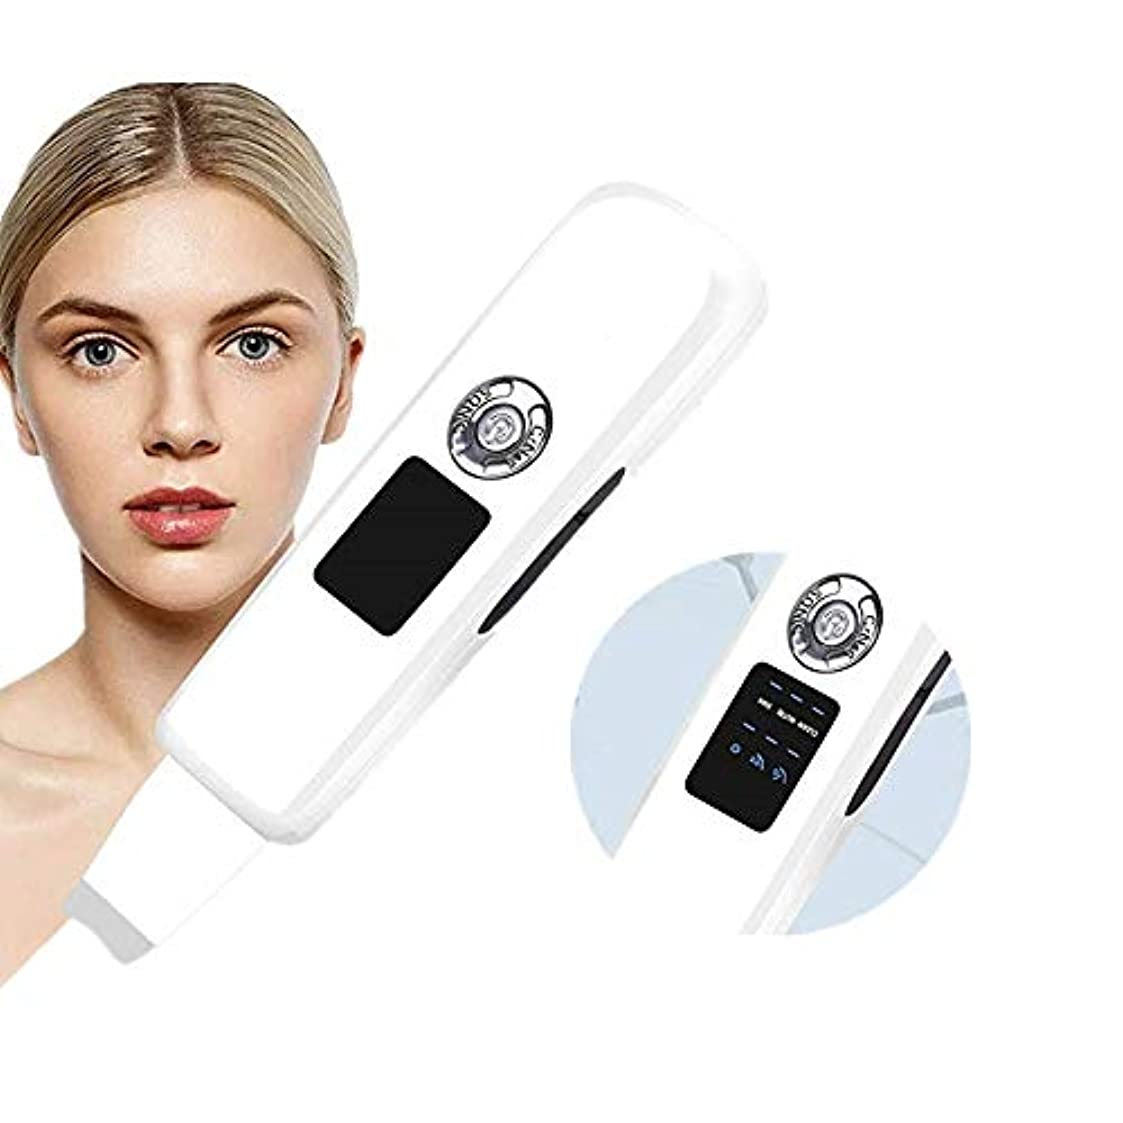 心理学発火する犯人顔の皮膚スクラバー、ジェントルは男性女性ネックホワイトニングTighting若返りのためのリフティング&ファーミングツール、ブラックヘッドコメド毛穴クリーナー死んだ皮膚角質層の抽出を削除します